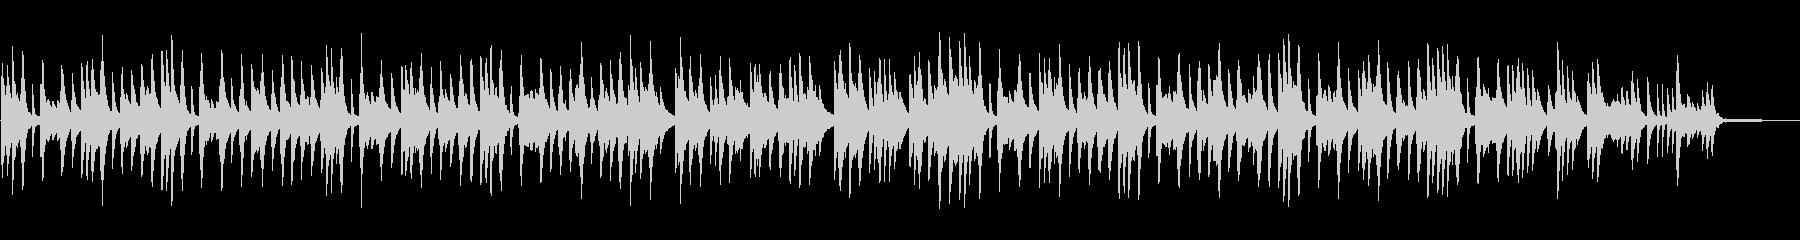 情感を誘う切ないピアノソロBGMの未再生の波形